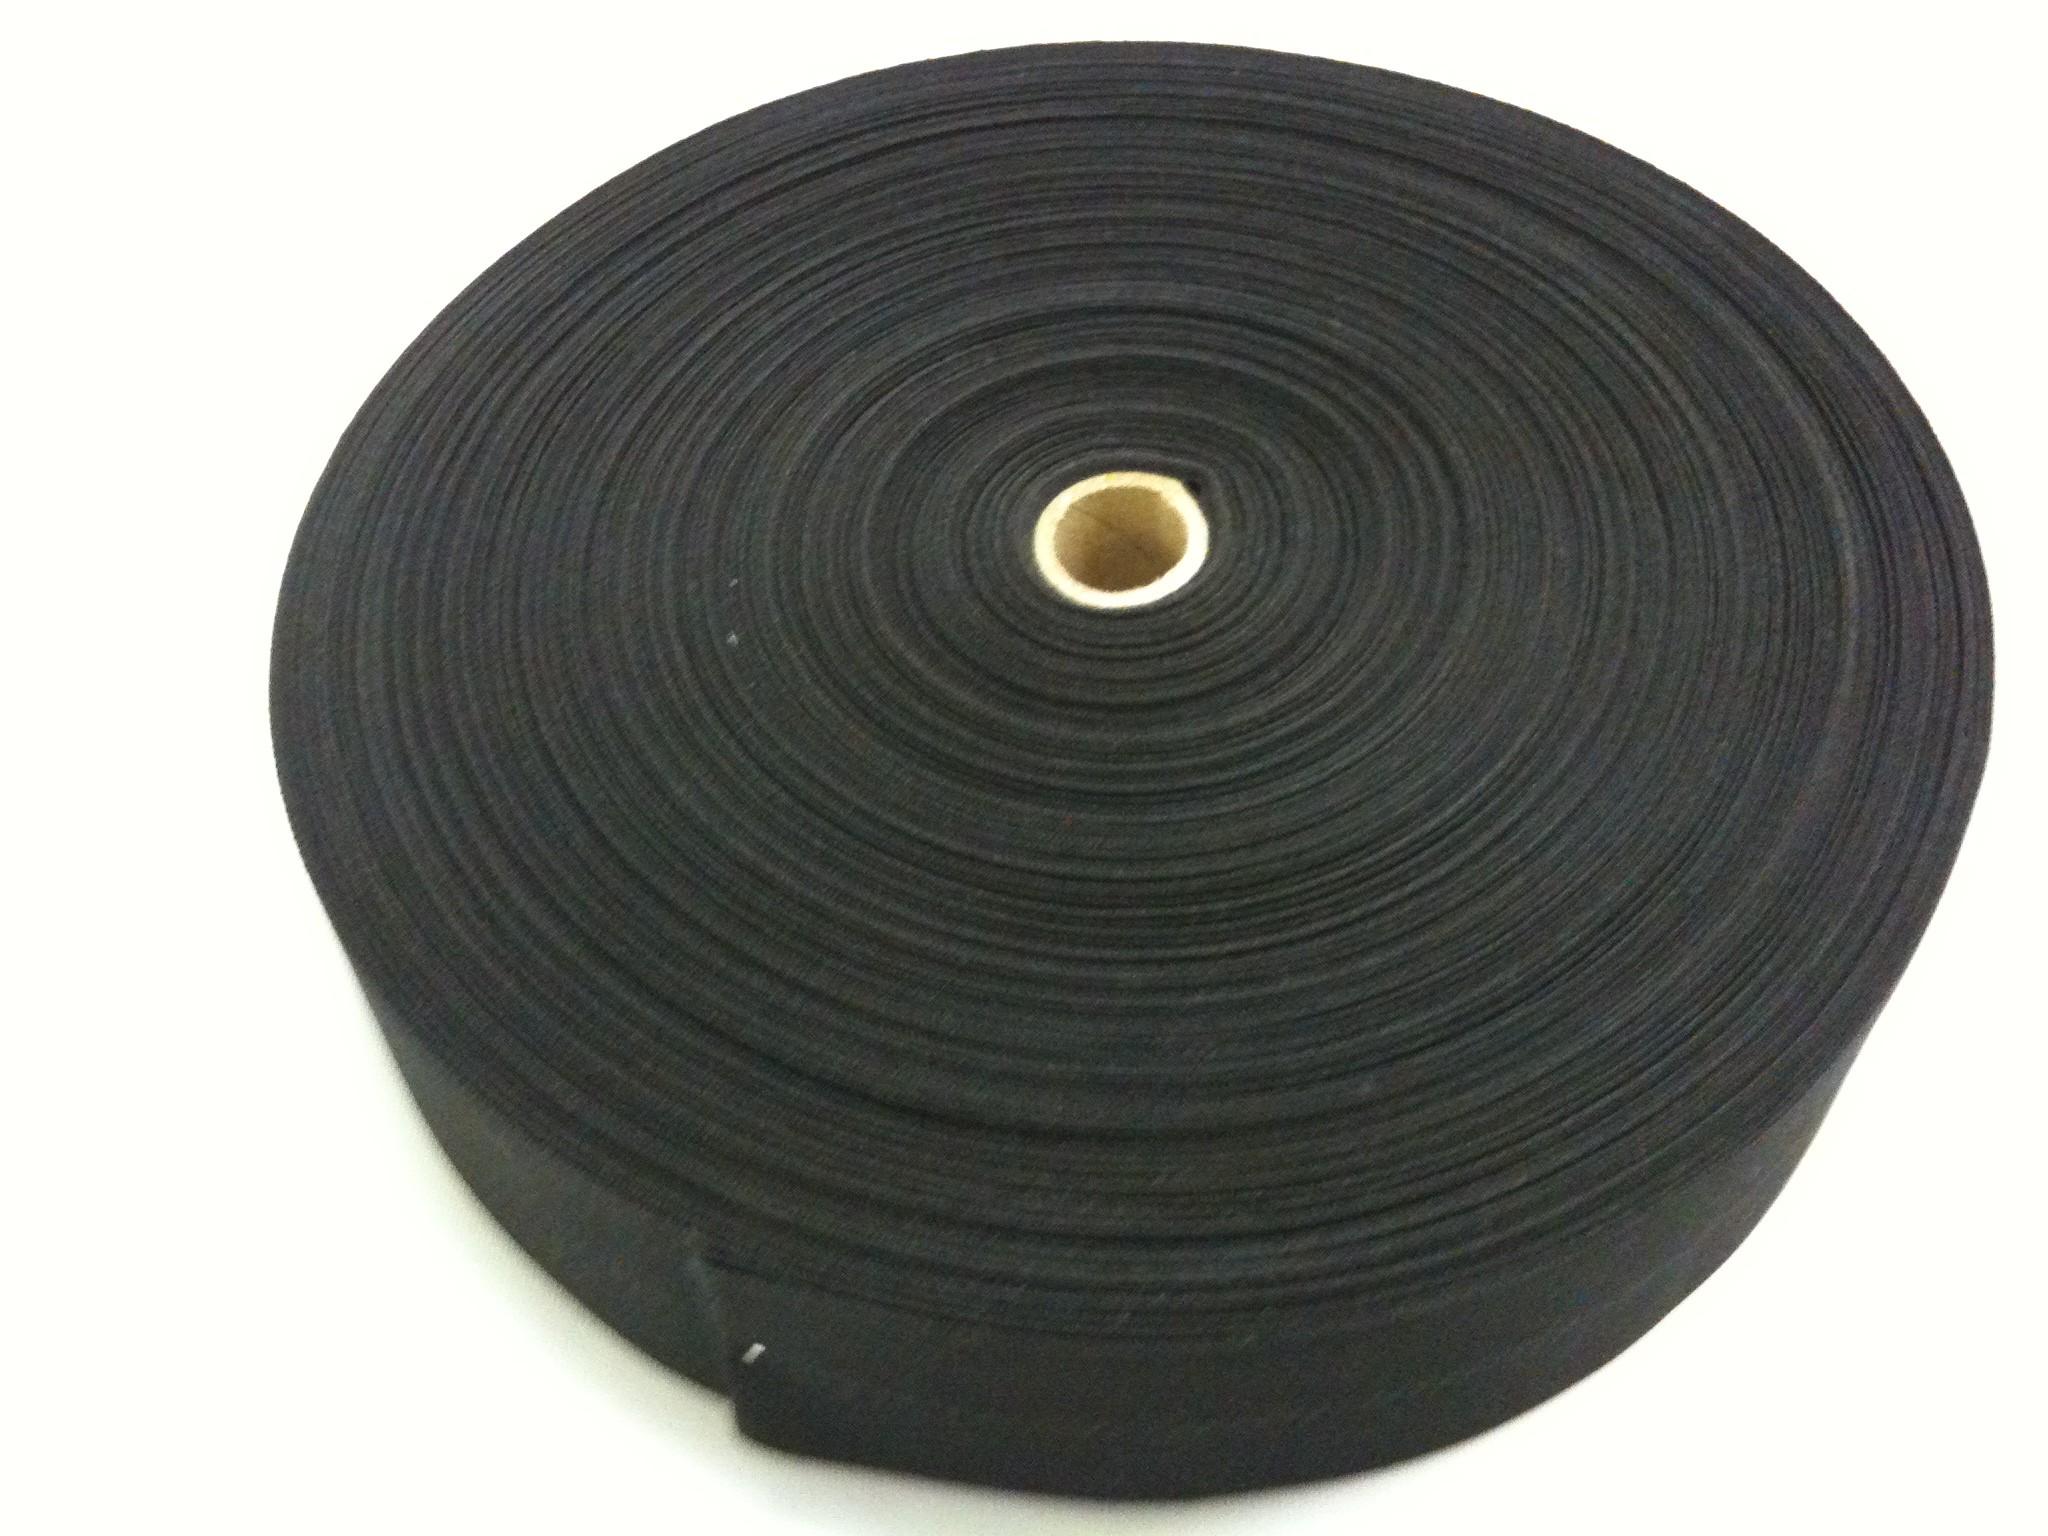 Hochwertiges Flaggenbesatzband (Flaggengurt) schwarz